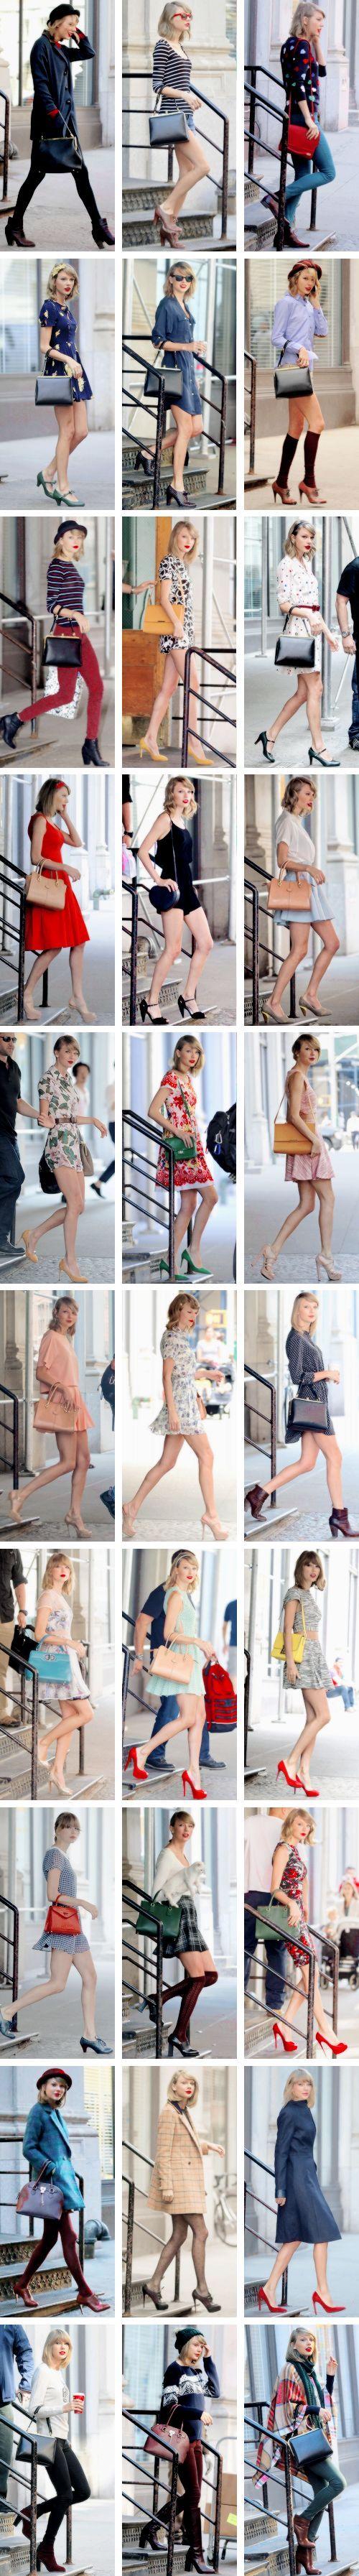 I really do like Taylor Swift...but I think I make like her clothes more!!